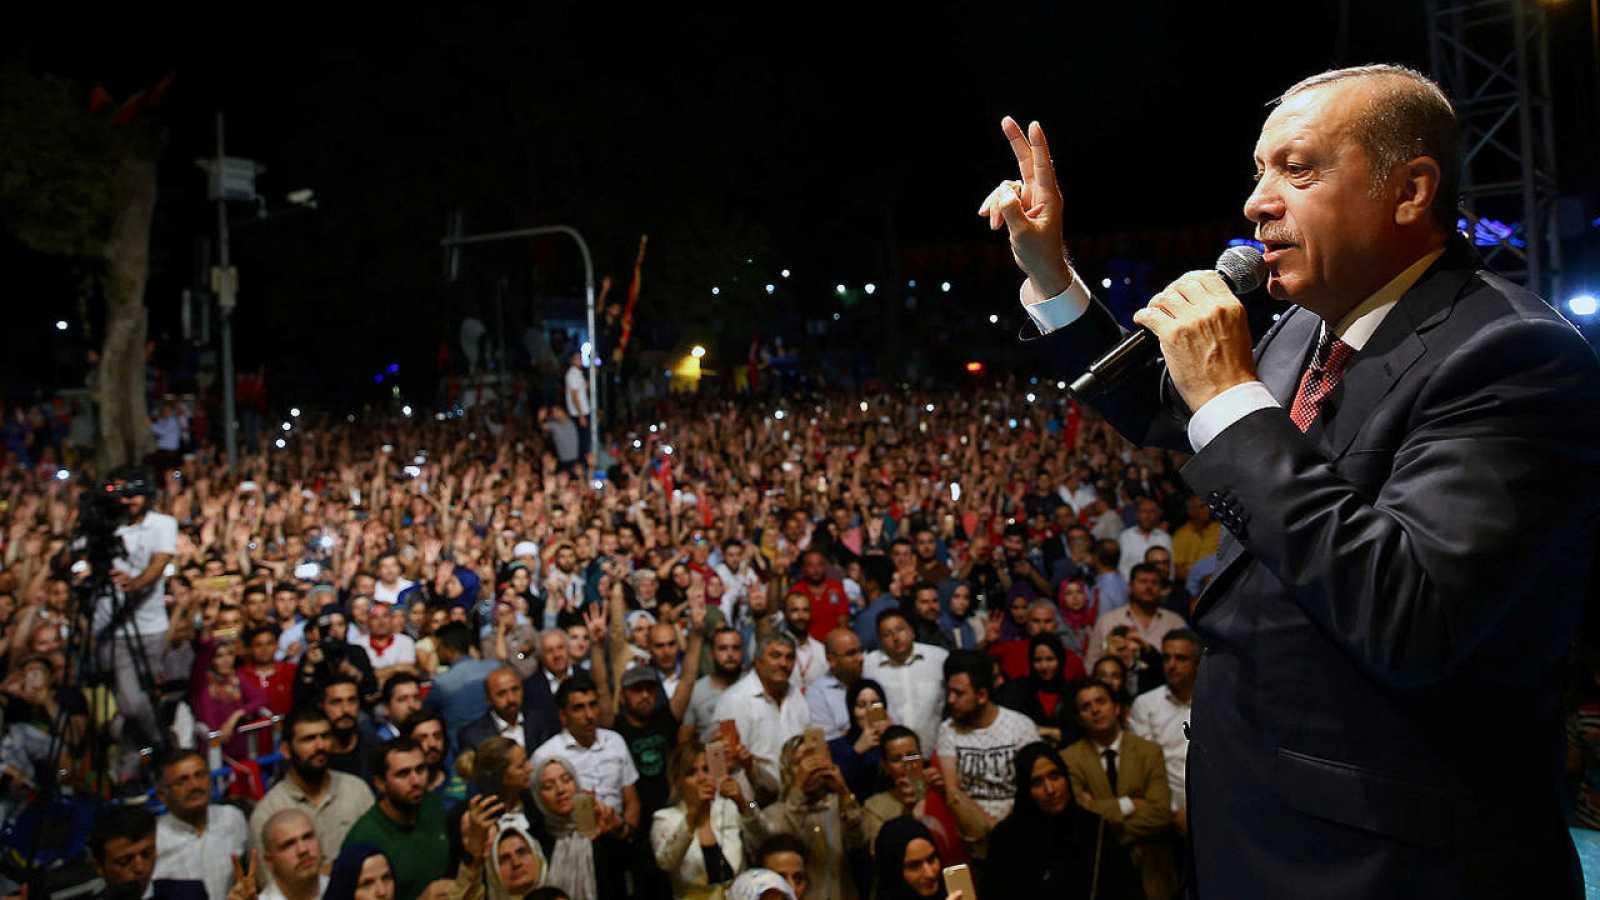 El presidente turco, Receo Tayyip Erdogan, se dirige a la multitud frente a su residencia en Estambul, en la madrugada del 19 de julio de 2016. Kayhan Ozer/Presidencia de Turquía/Reuters